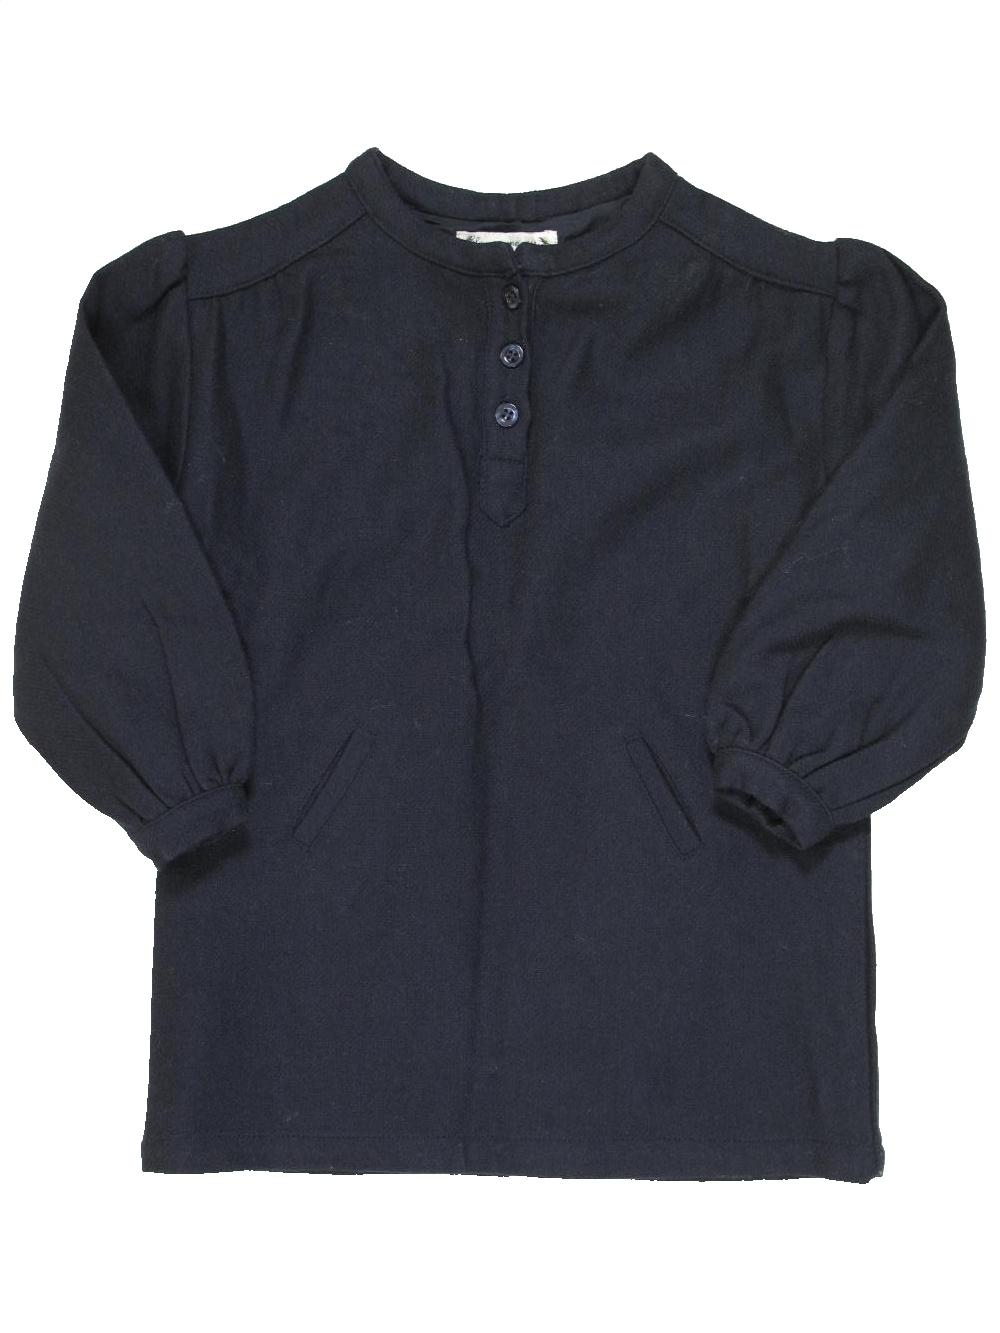 c79ad27934fdb Robe noir BLEU COMME GRIS du 2 ans pour Fille - 865076